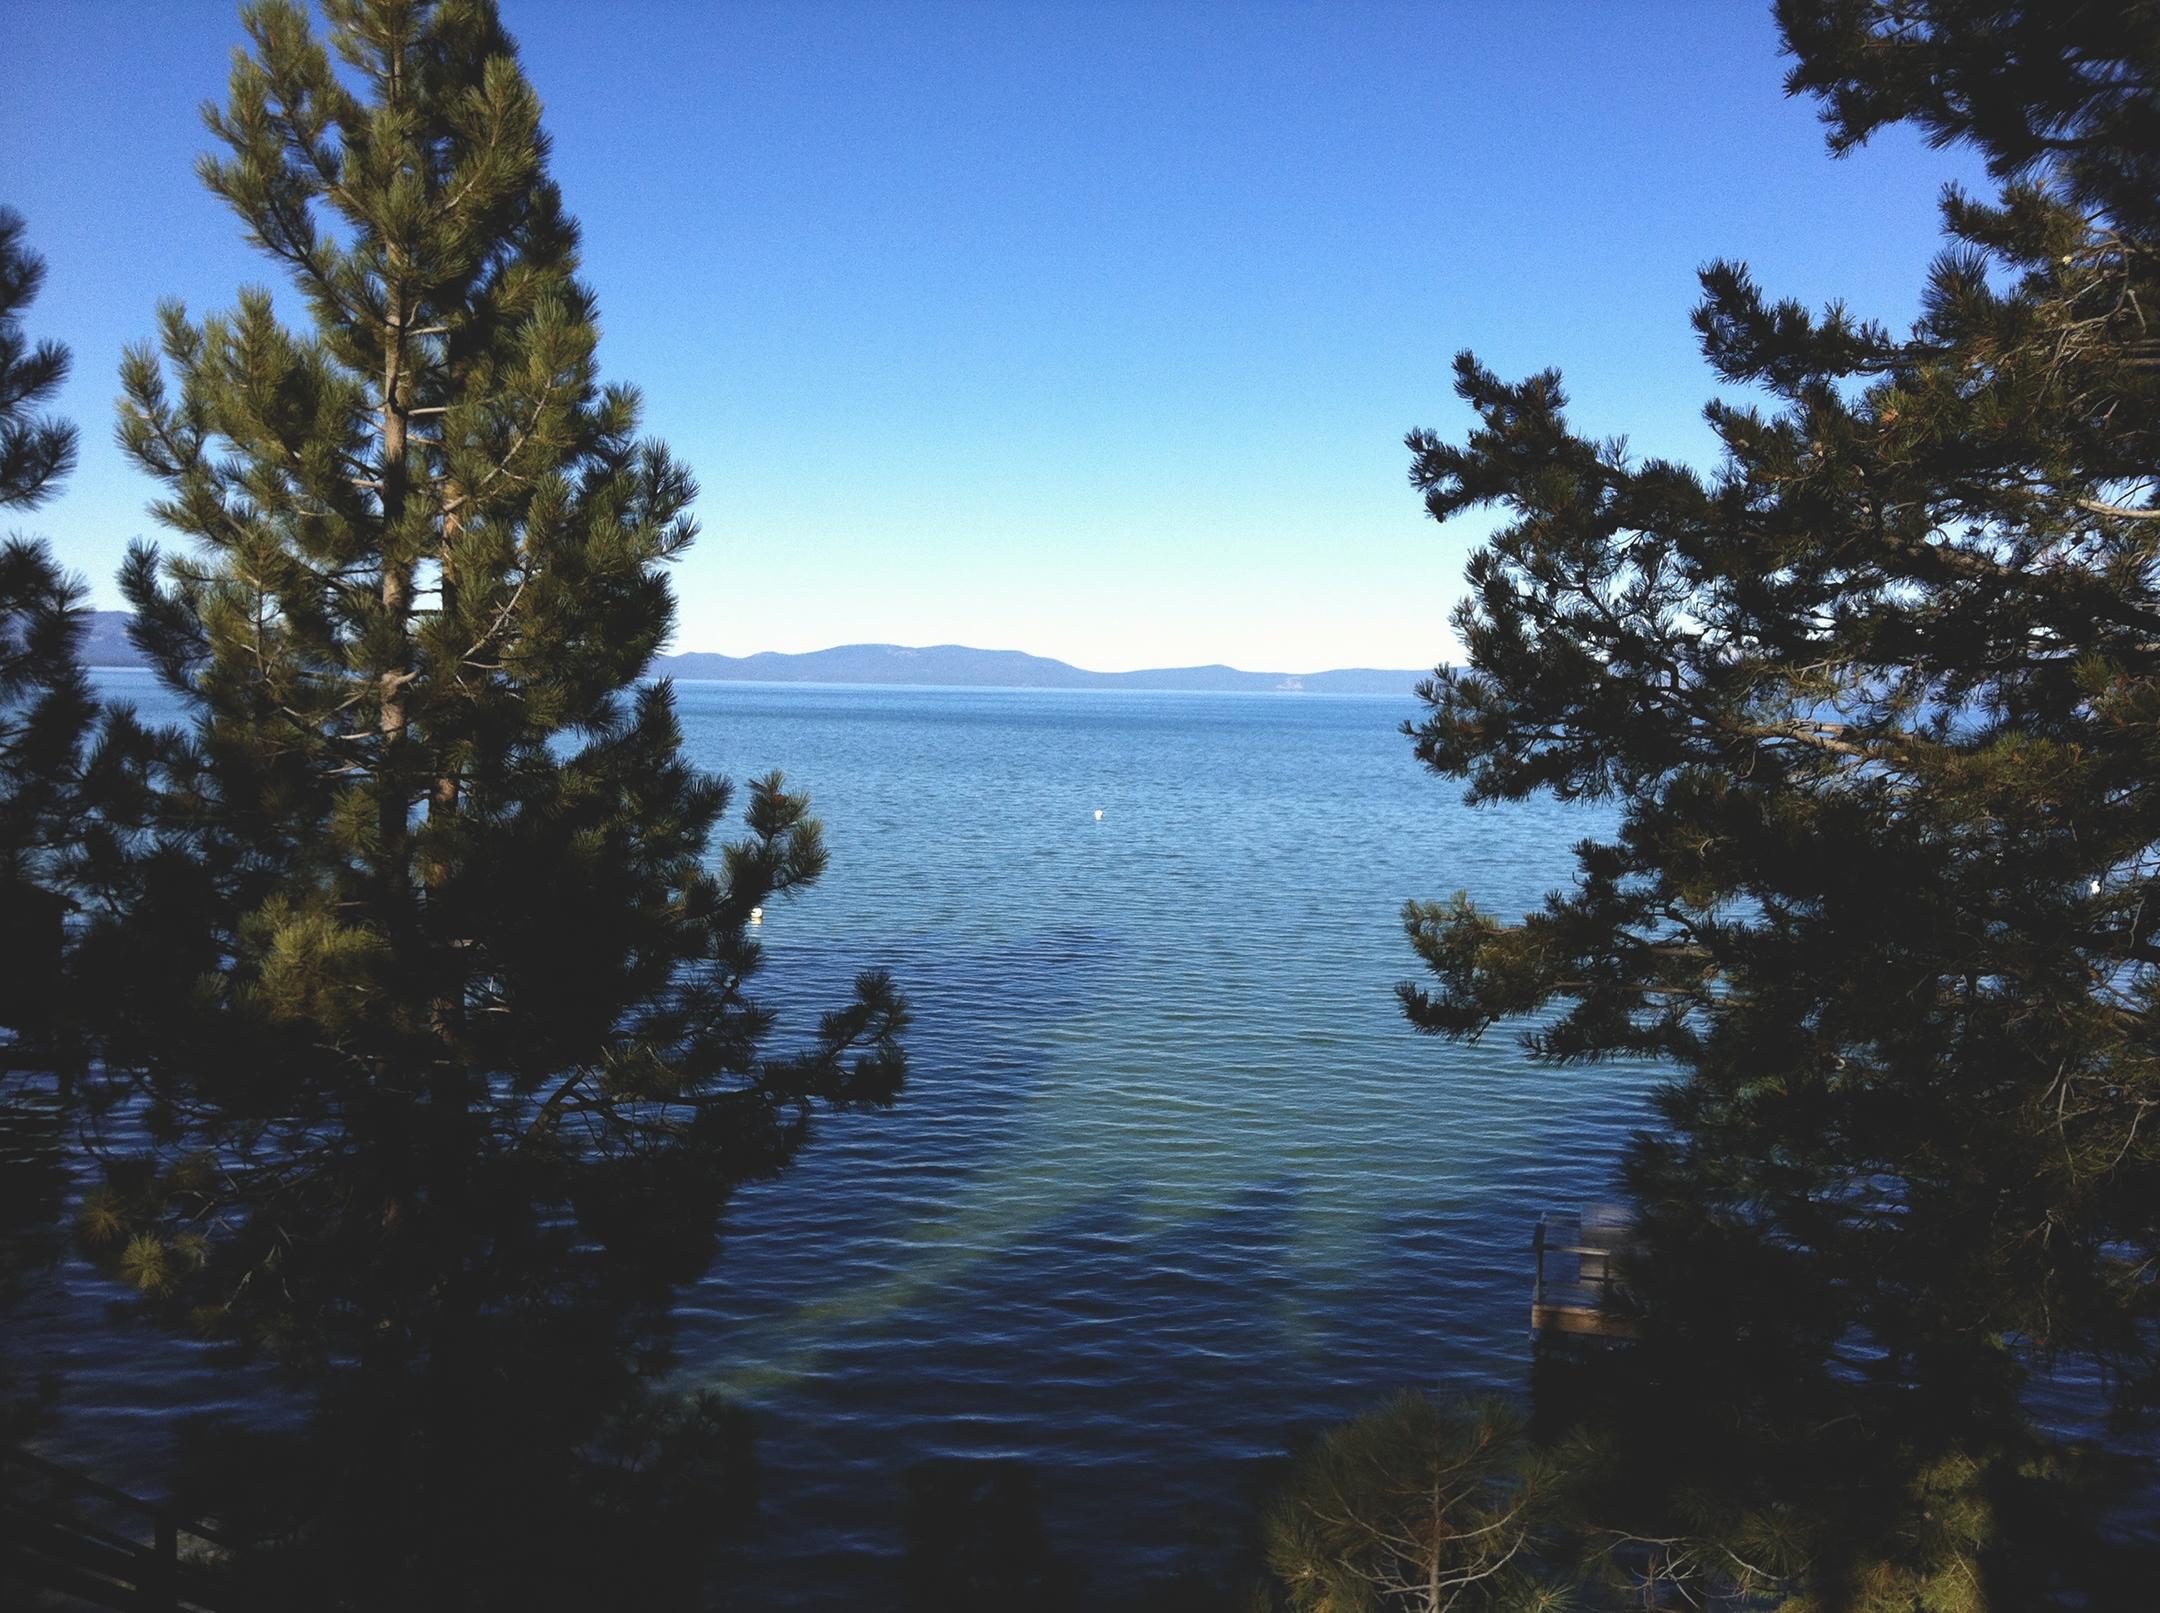 Lake Tahoe, CA / USA